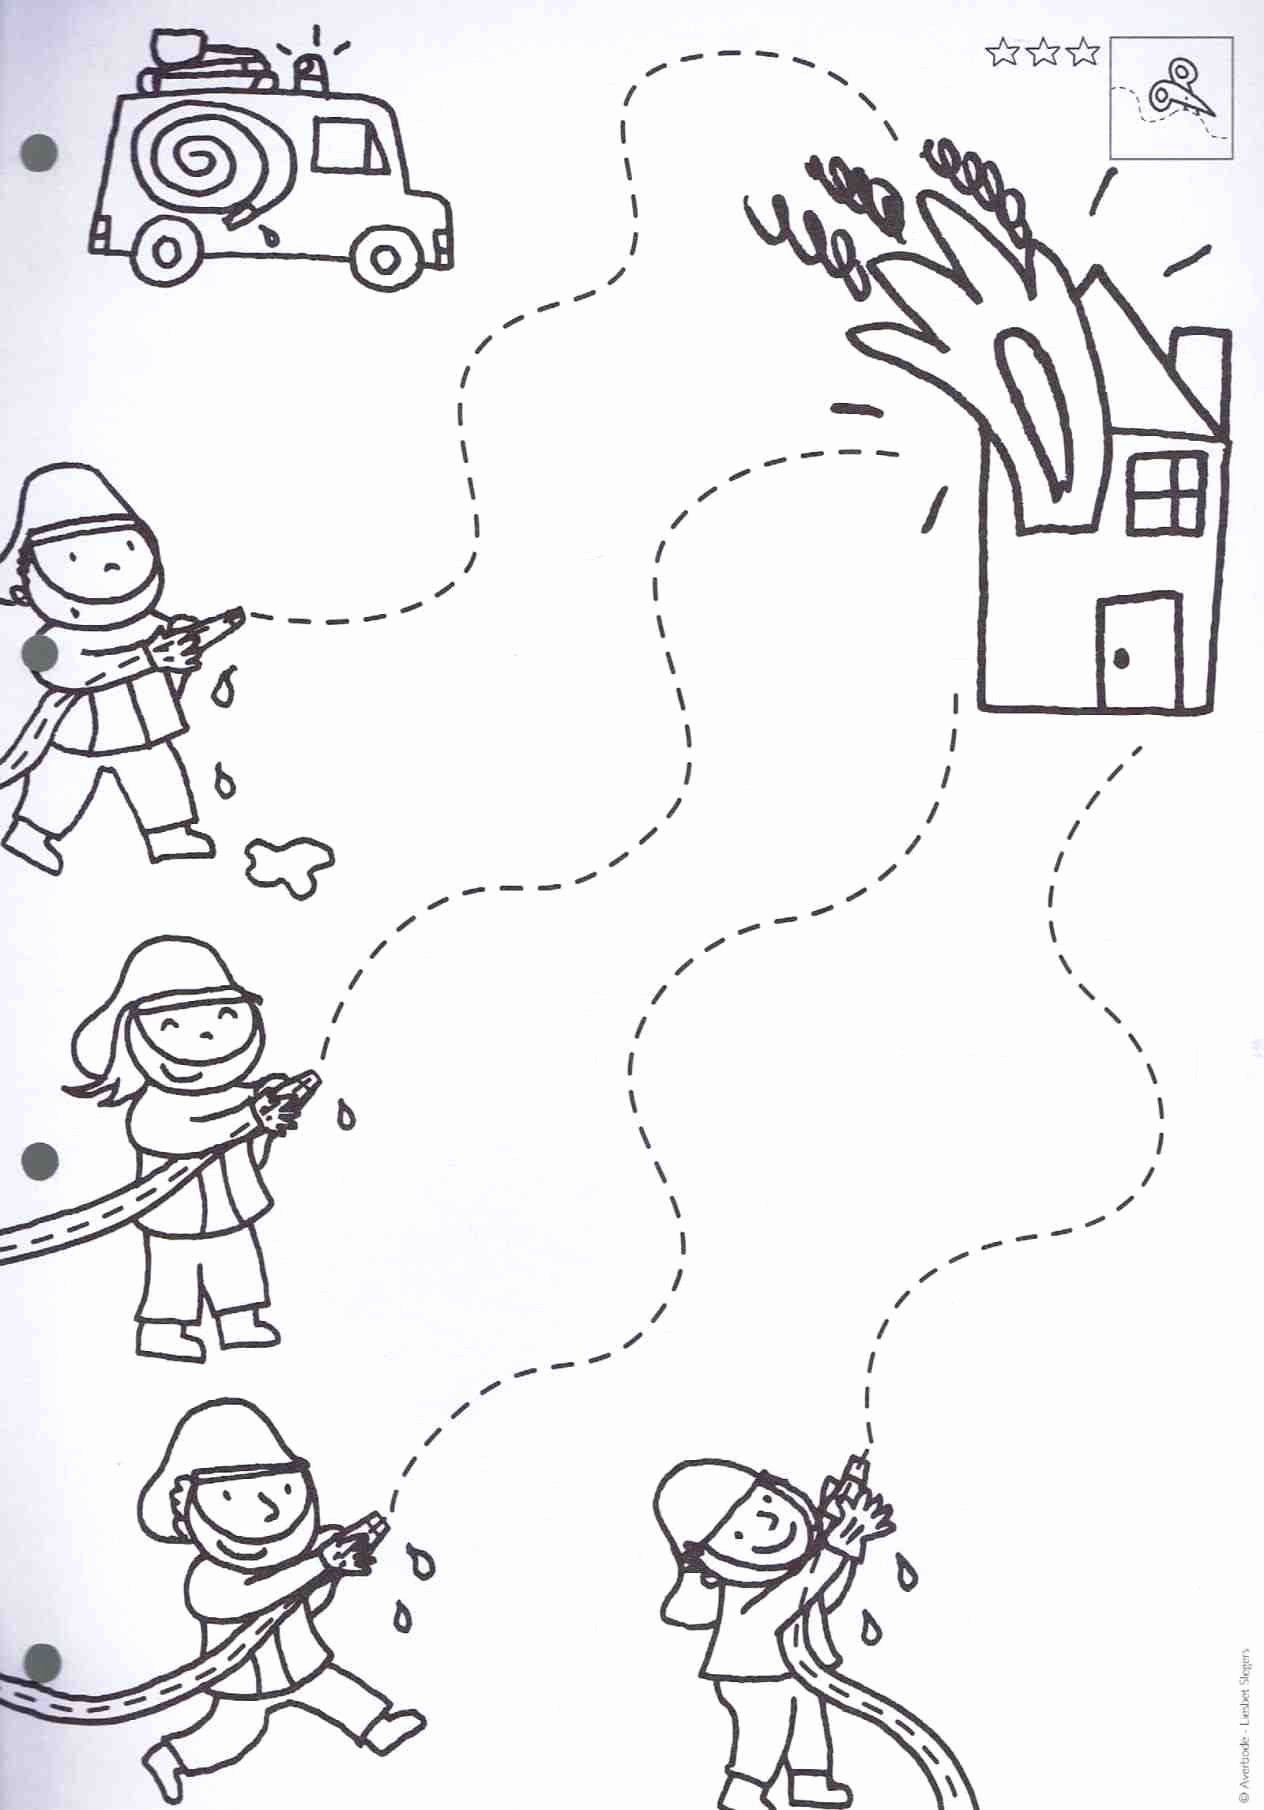 Firefighter Printable Worksheets for Preschoolers Kids Firefighter Craft Firemen Safetyrhpinterest Firefighter